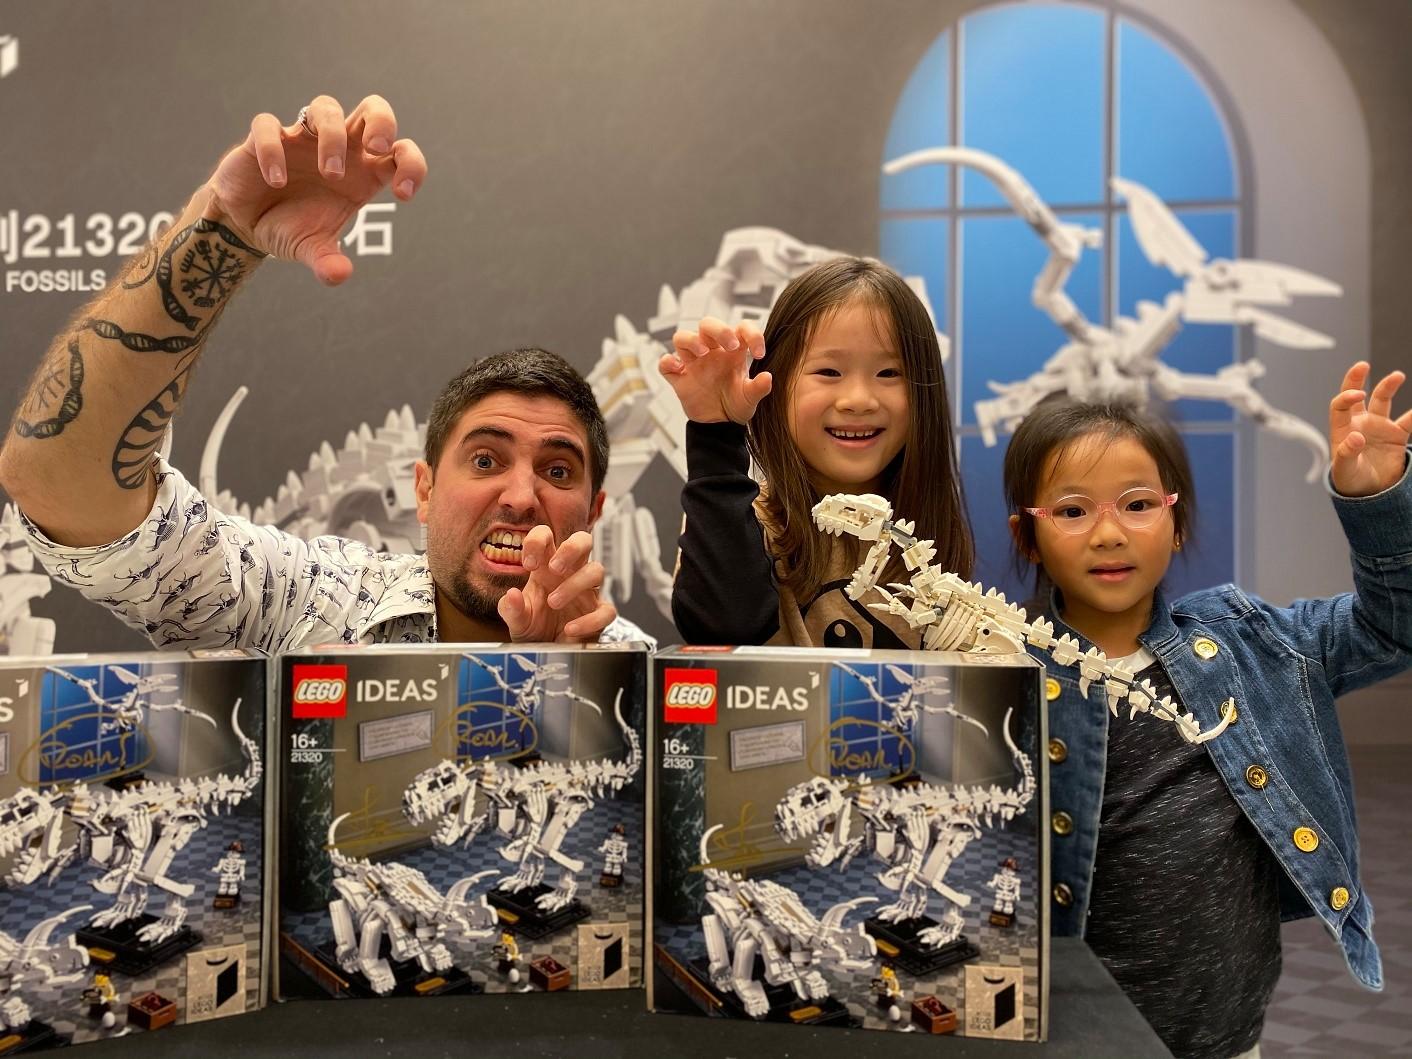 {TEMOIGNAGE JONATHAN BRUNN} Un ancien de l'Idem remporte le concours Lego ideas !